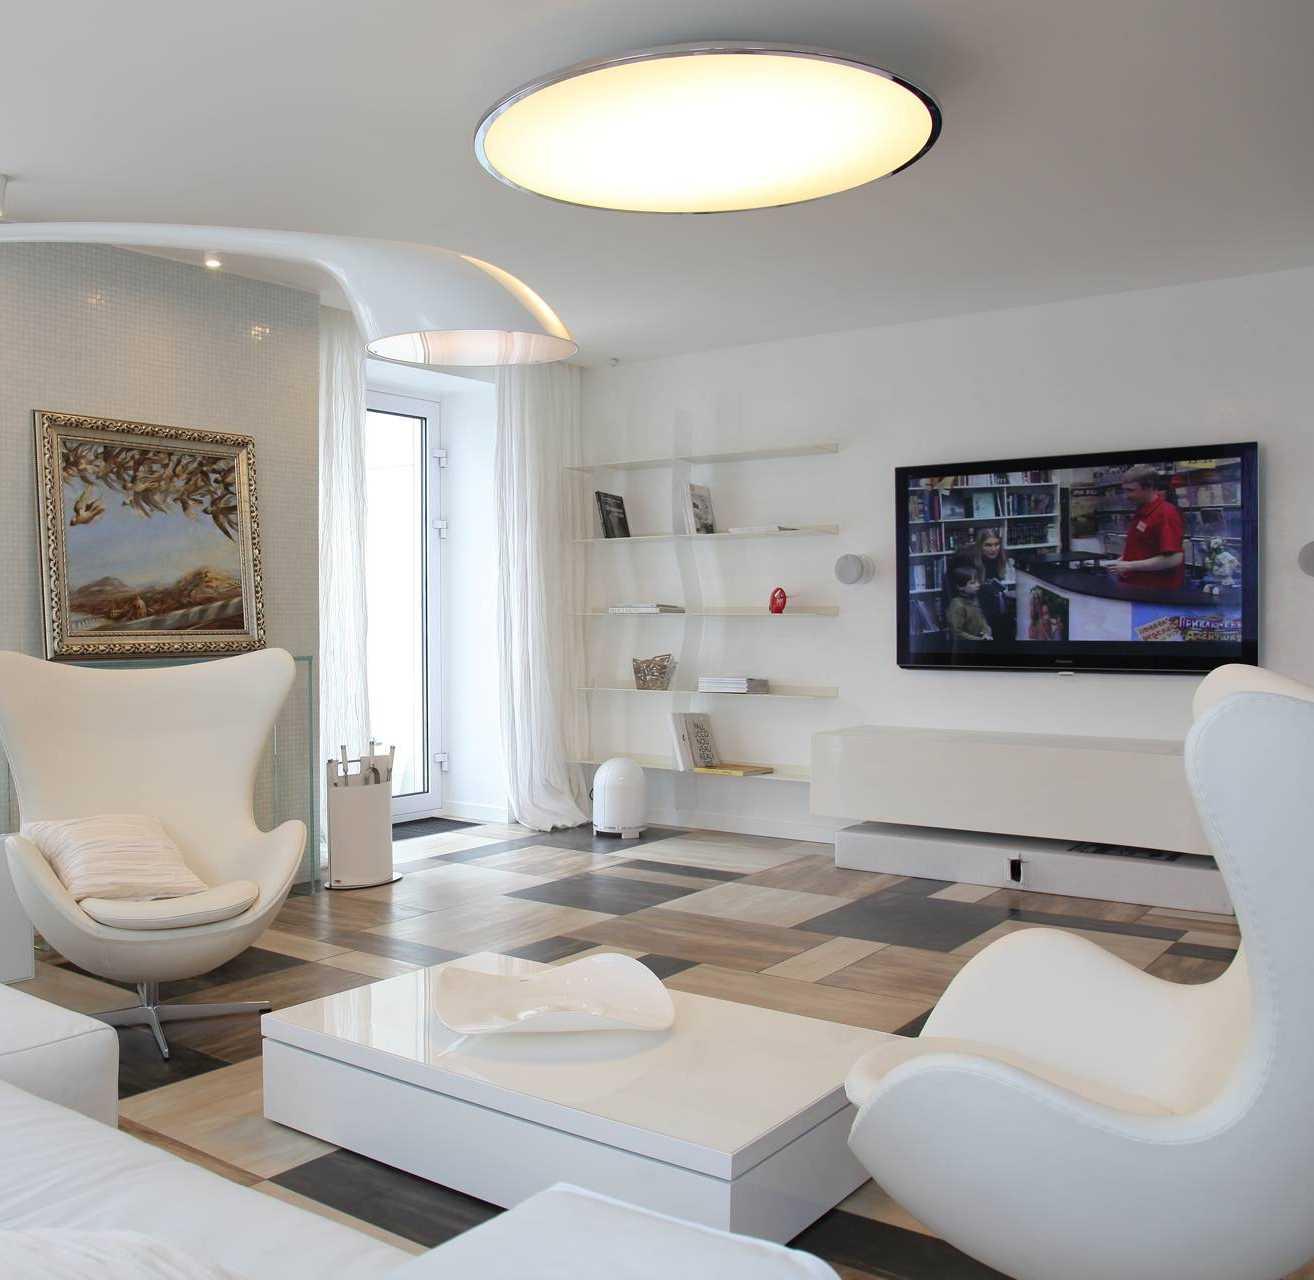 Диван и кресла в квартире-студии